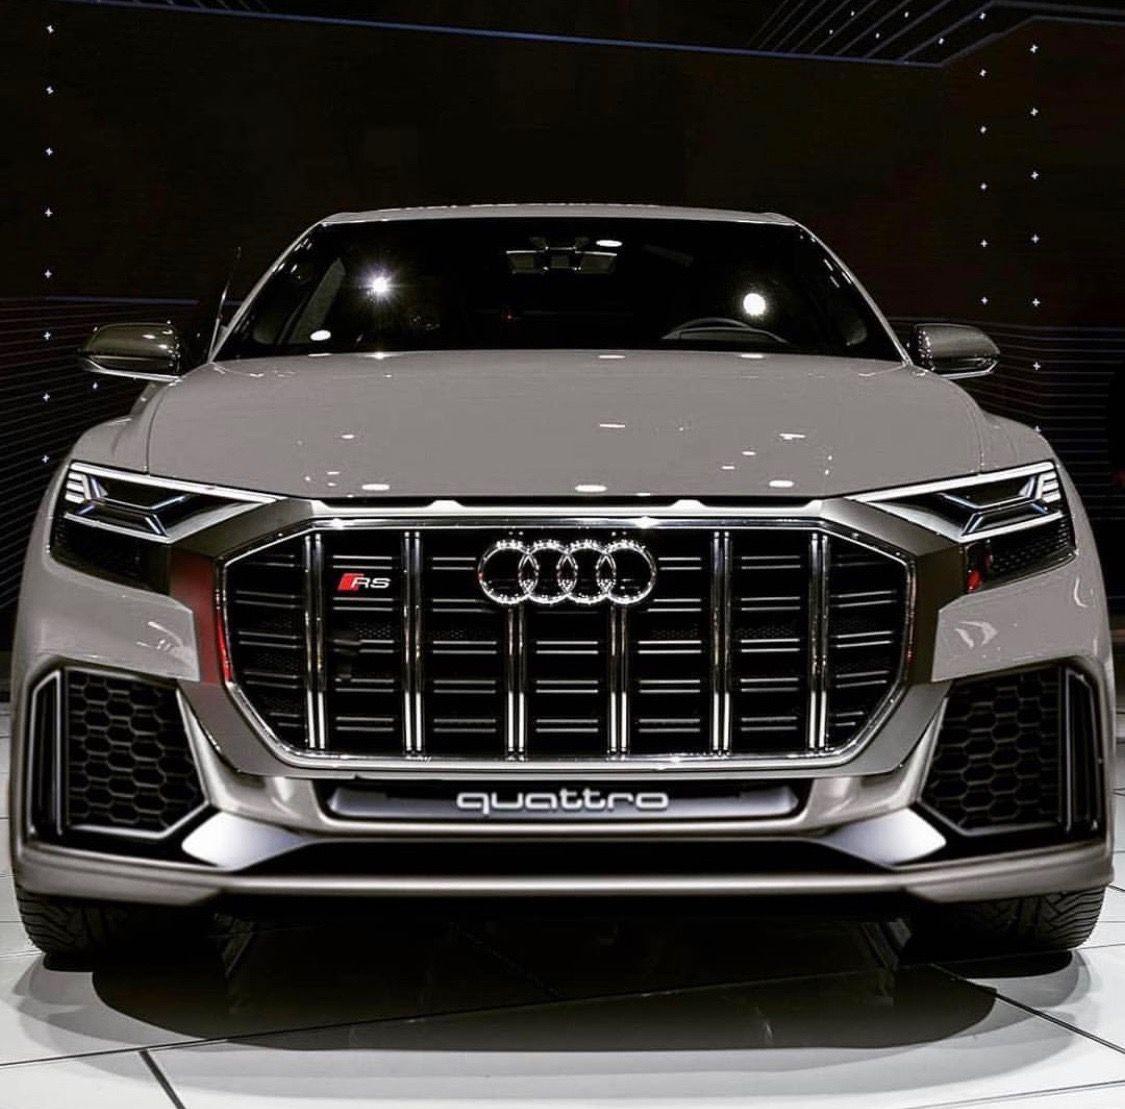 2019 Audi Rsq8 Front End Stare Down Super Luxury Cars Suv Cars Audi Suv